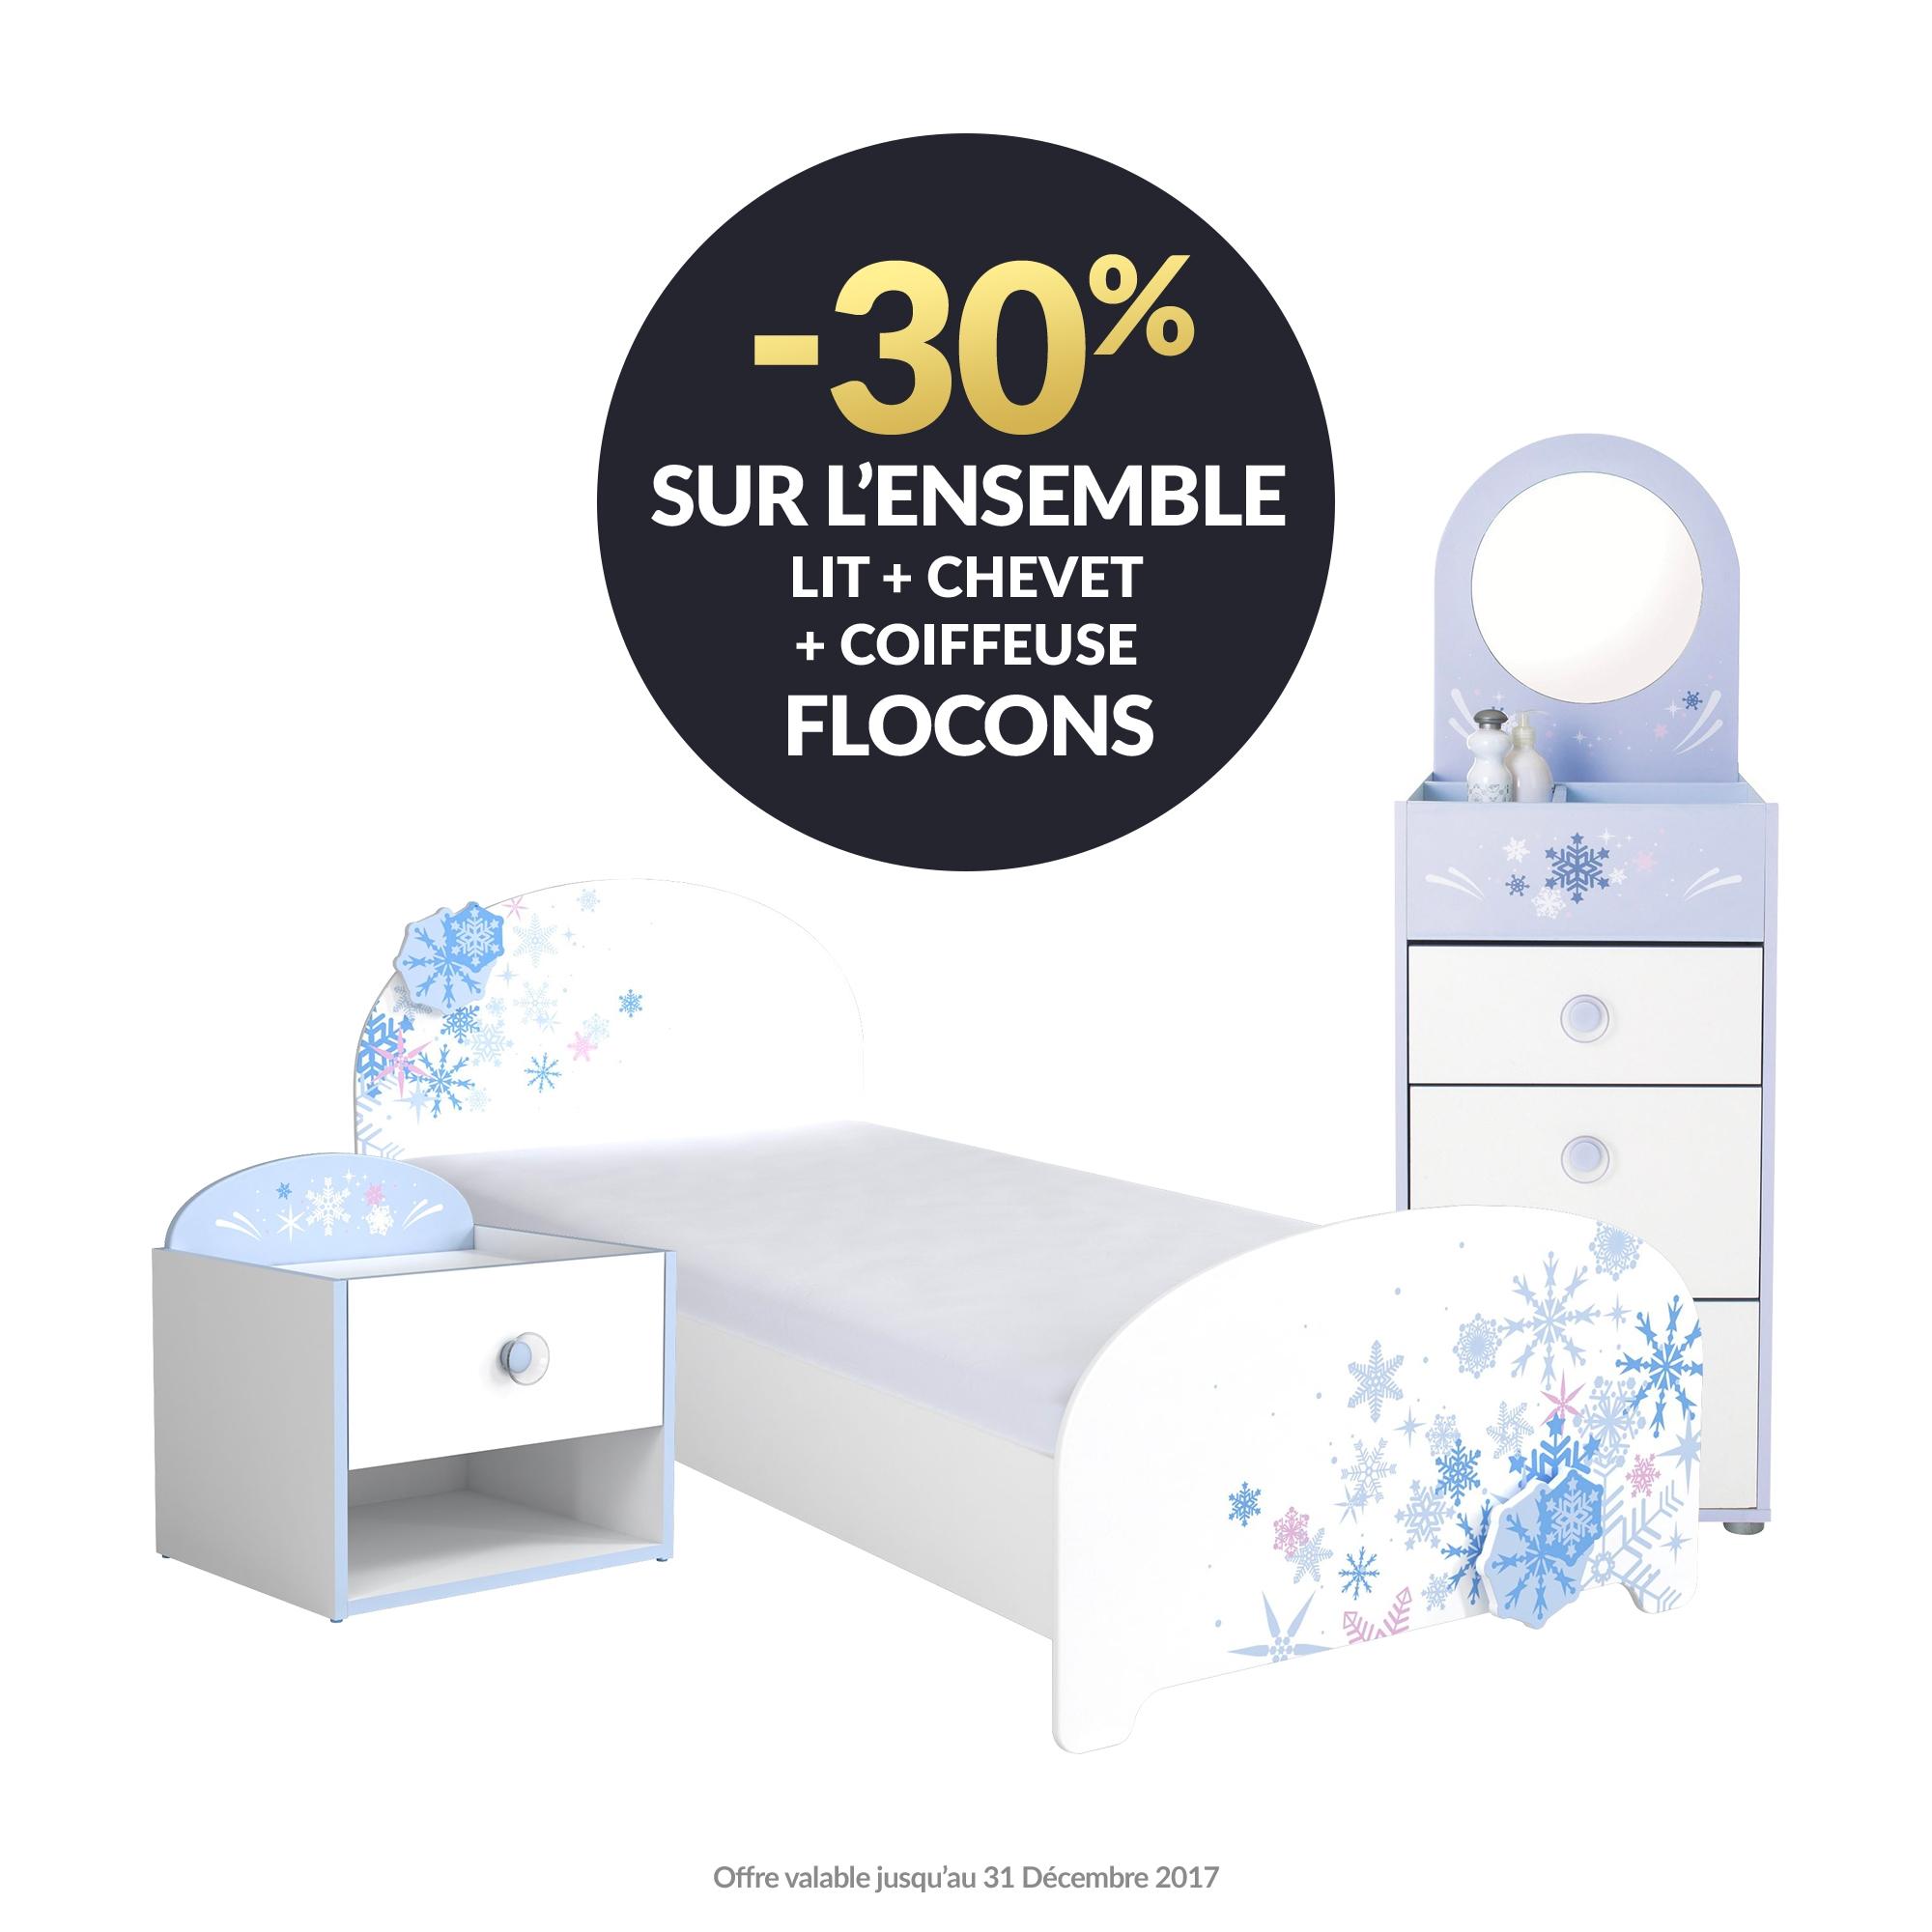 Chambre FLOCONS : -30% sur l'ensemble lit + chevet + coiffeuse